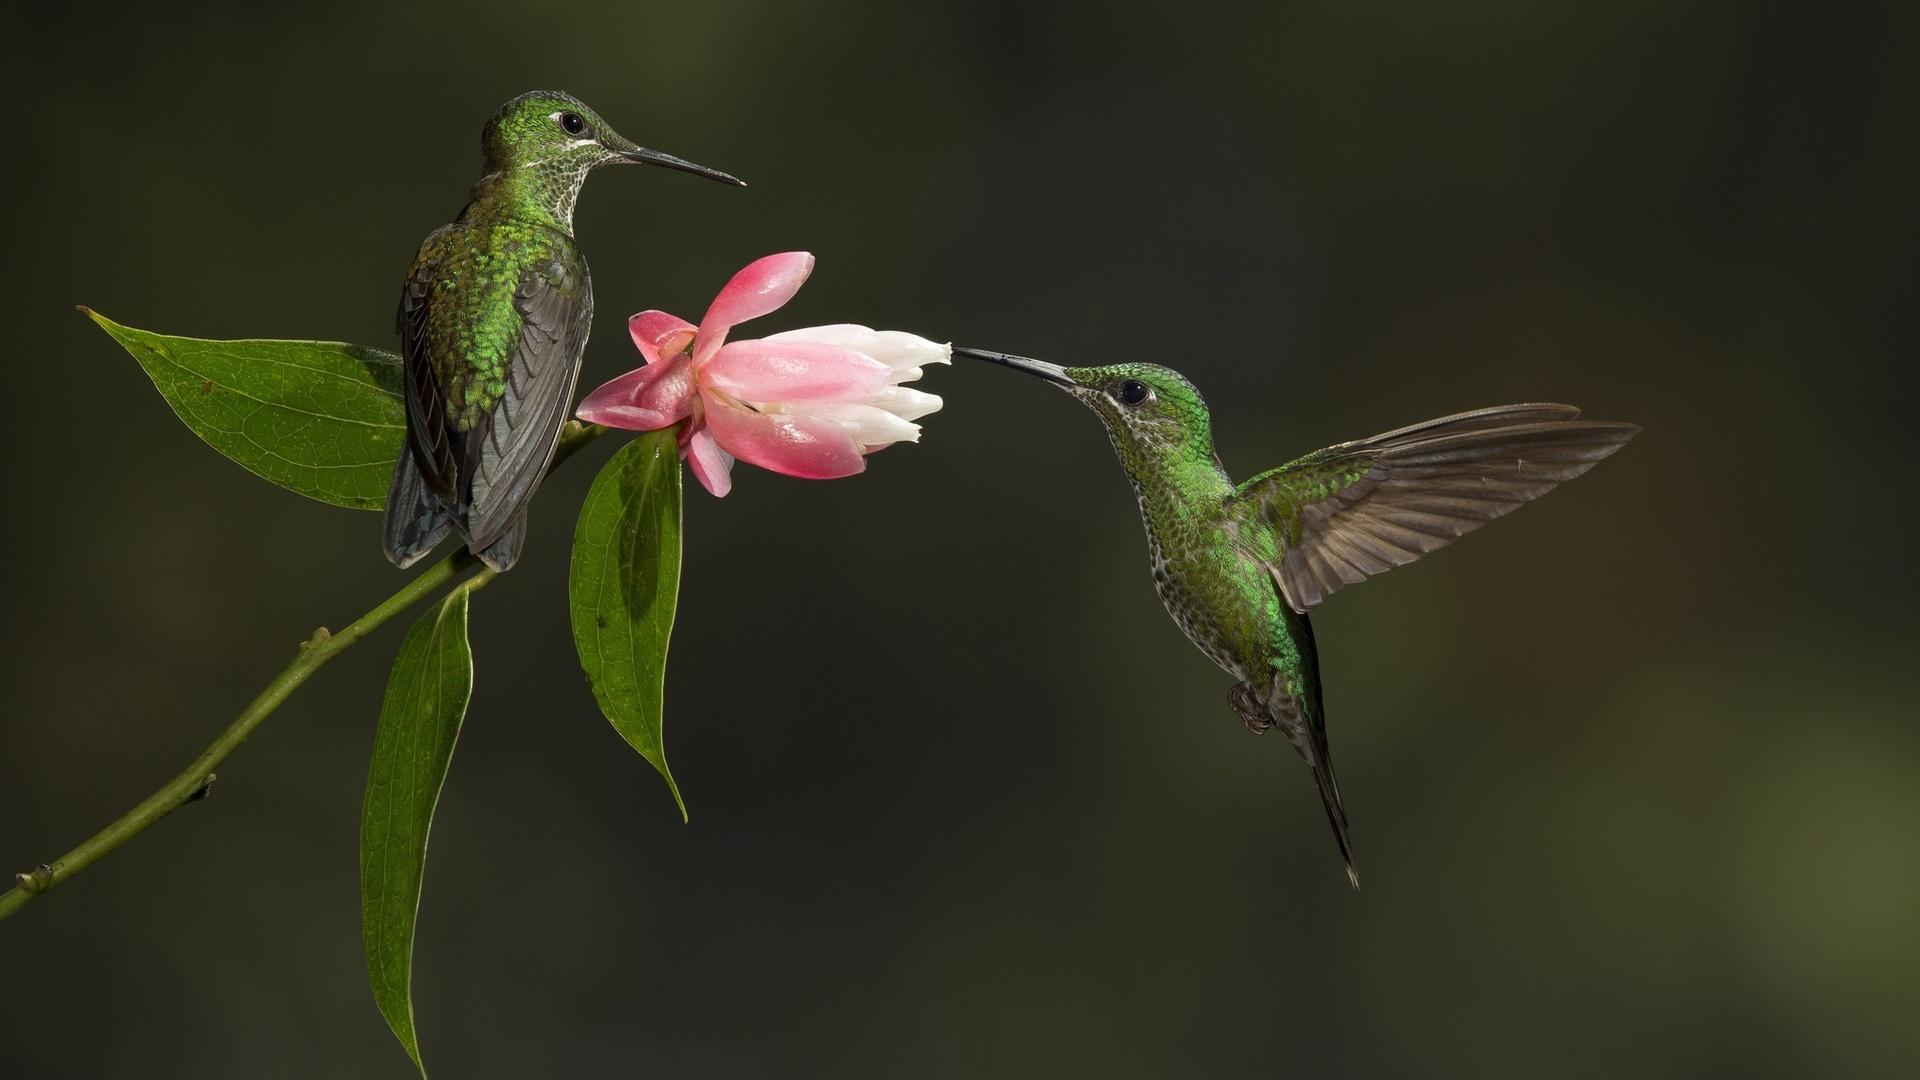 картинки с птичками колибри женаты как